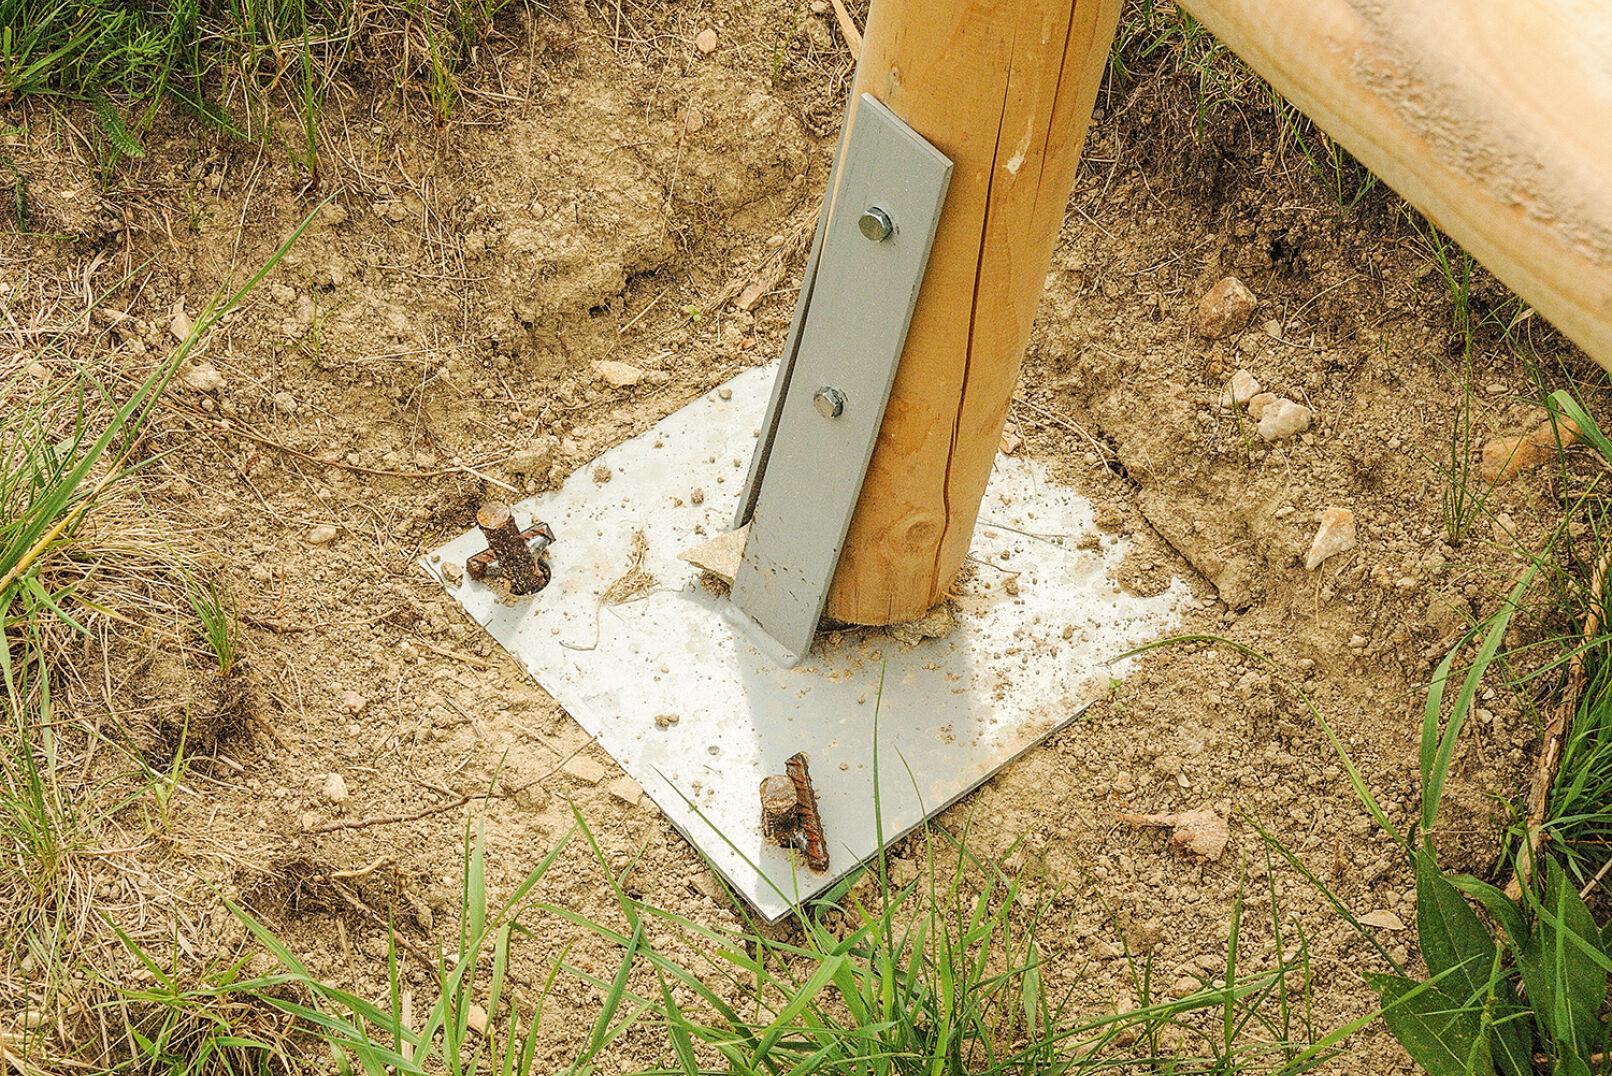 Stahlplattenfundament - Optimaler Kraftfluss von der Hauptstütze über das Stahlplattenfundament und den Erdanker mit Querbolzen bisins Erdreich. - © Dominik Steinhauser